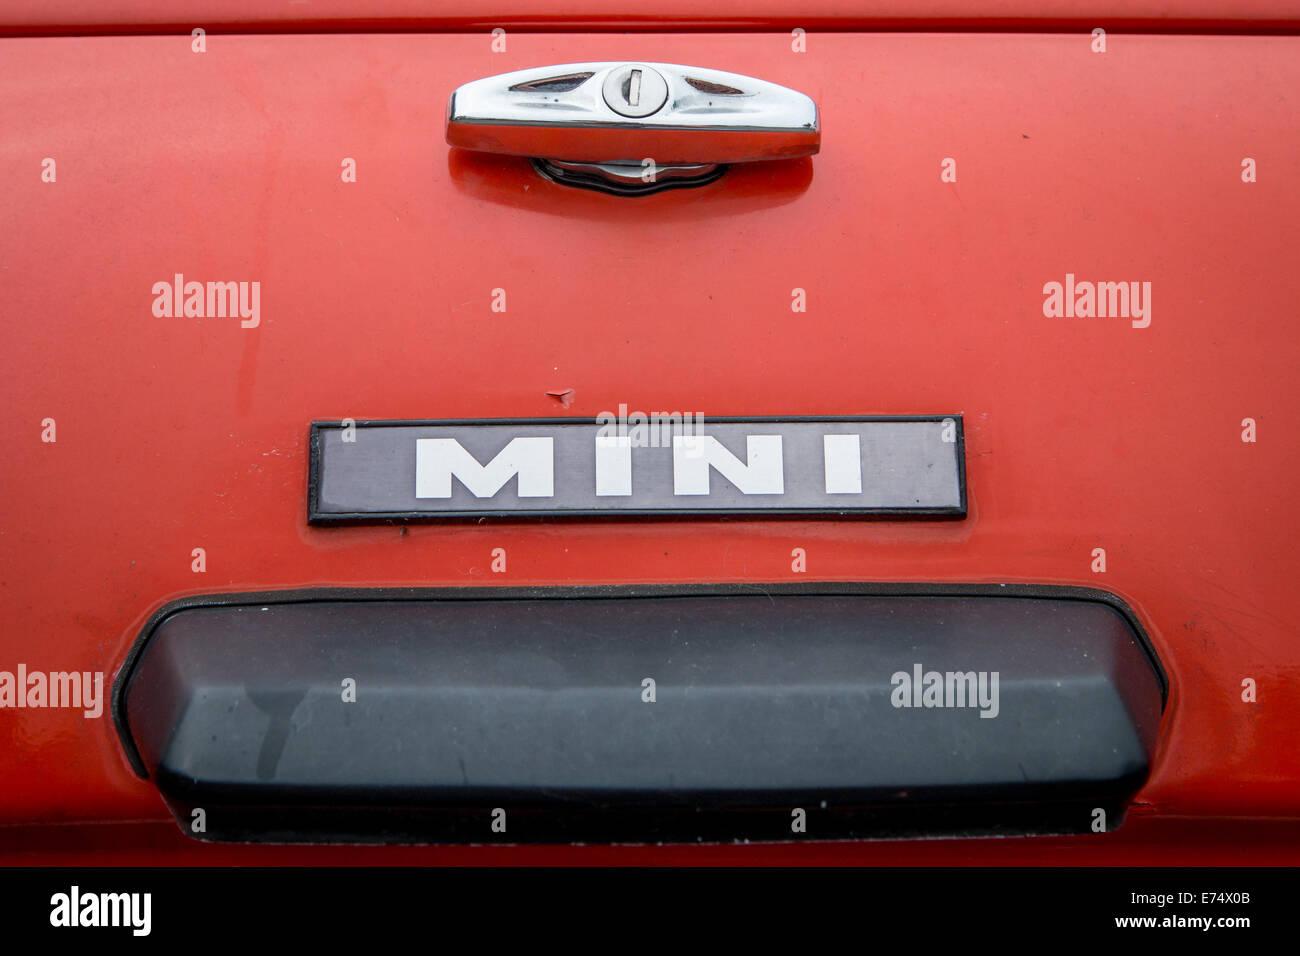 La palabra mini en la parte trasera de un coche Imagen De Stock